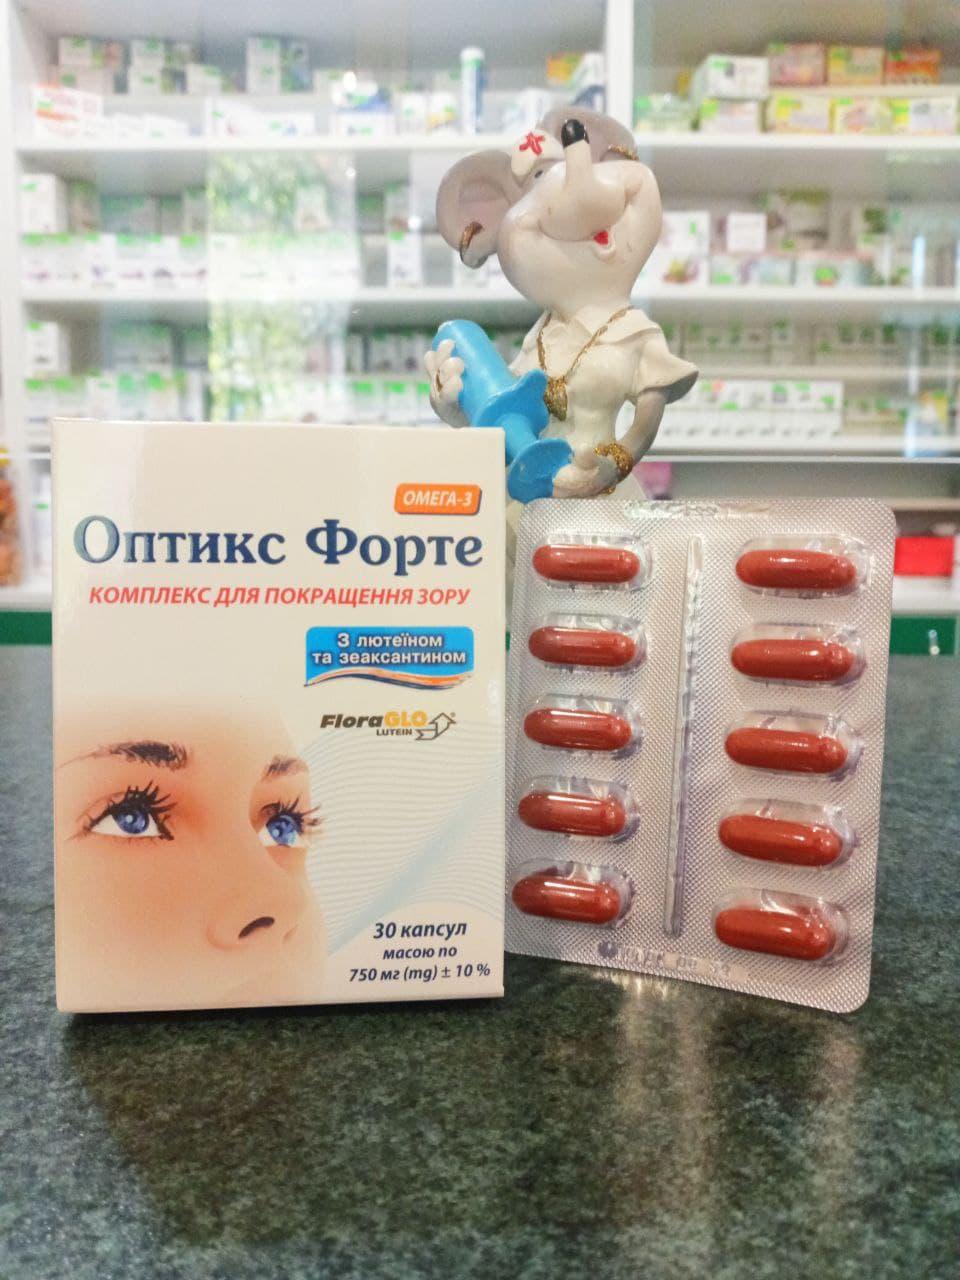 комплекс для улучшения зрения Оптикс форте при макулодистрофии возрастной, ухудшении зрения